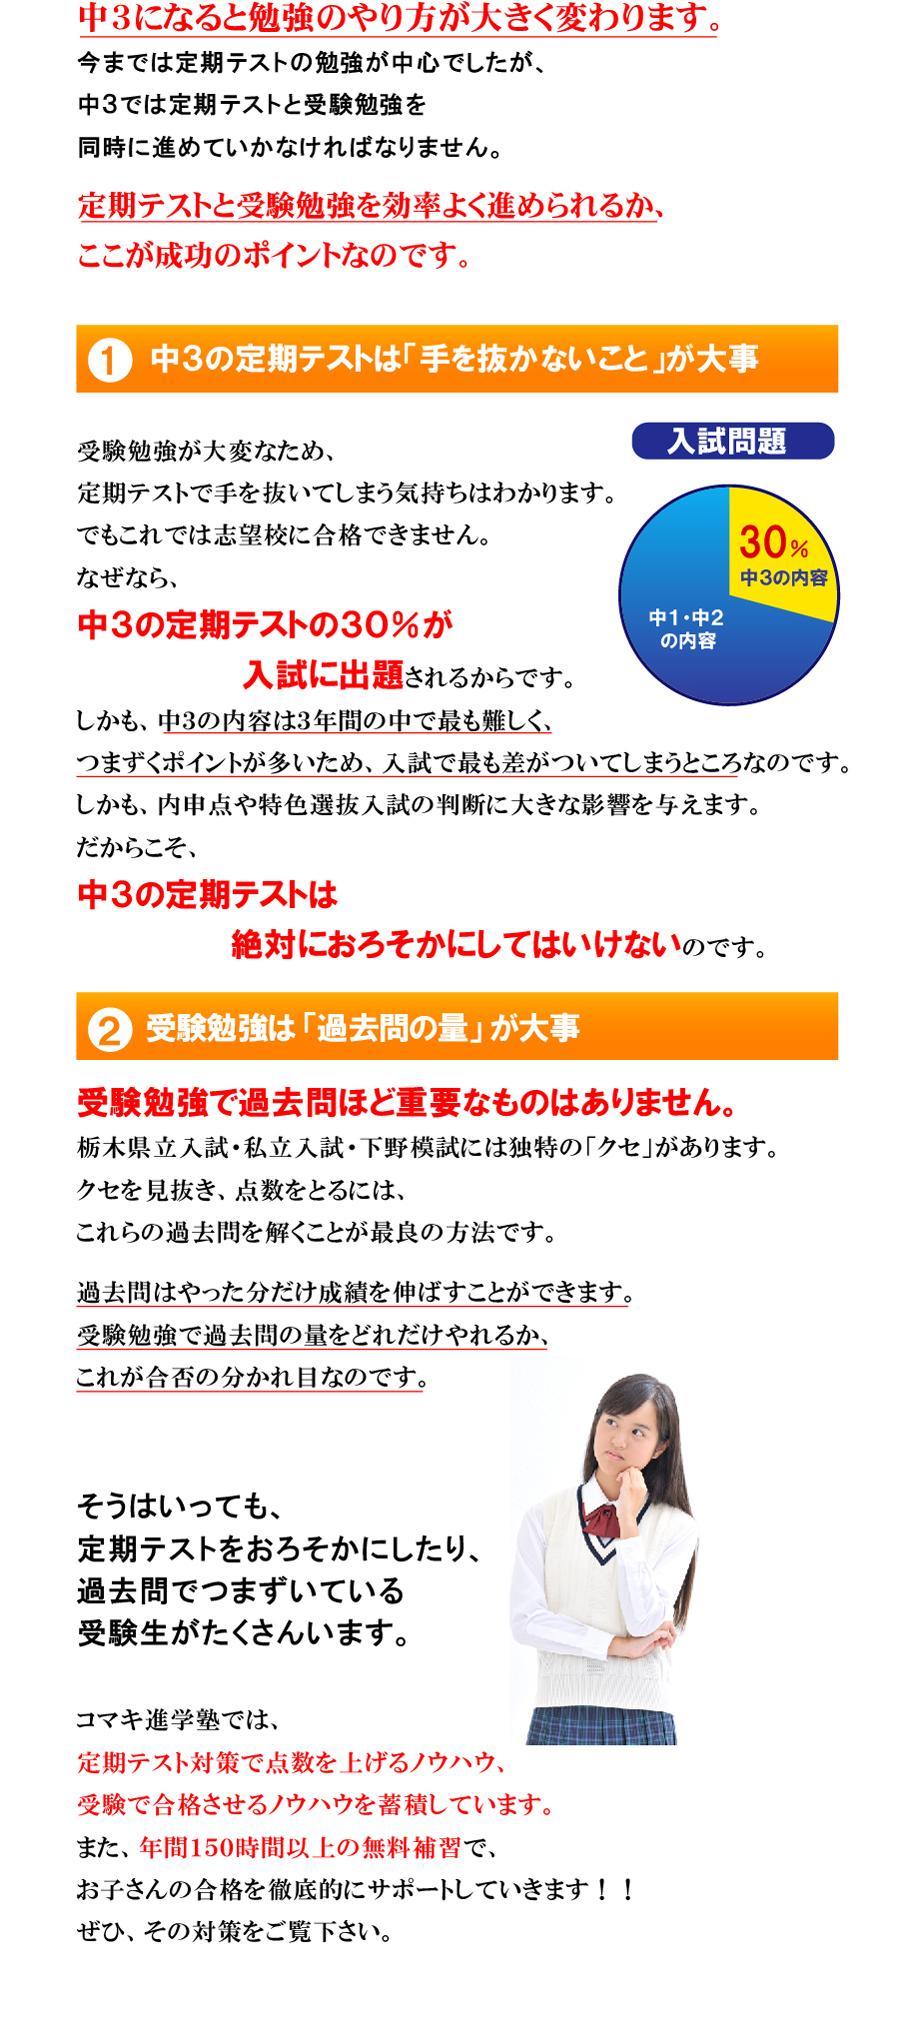 栃木県立入試で成功するポイントは、中3定期テストで手を抜かないこと、受験勉強は過去問の量が大事であること。コマキでは受験を成功させるノウハウがあります。